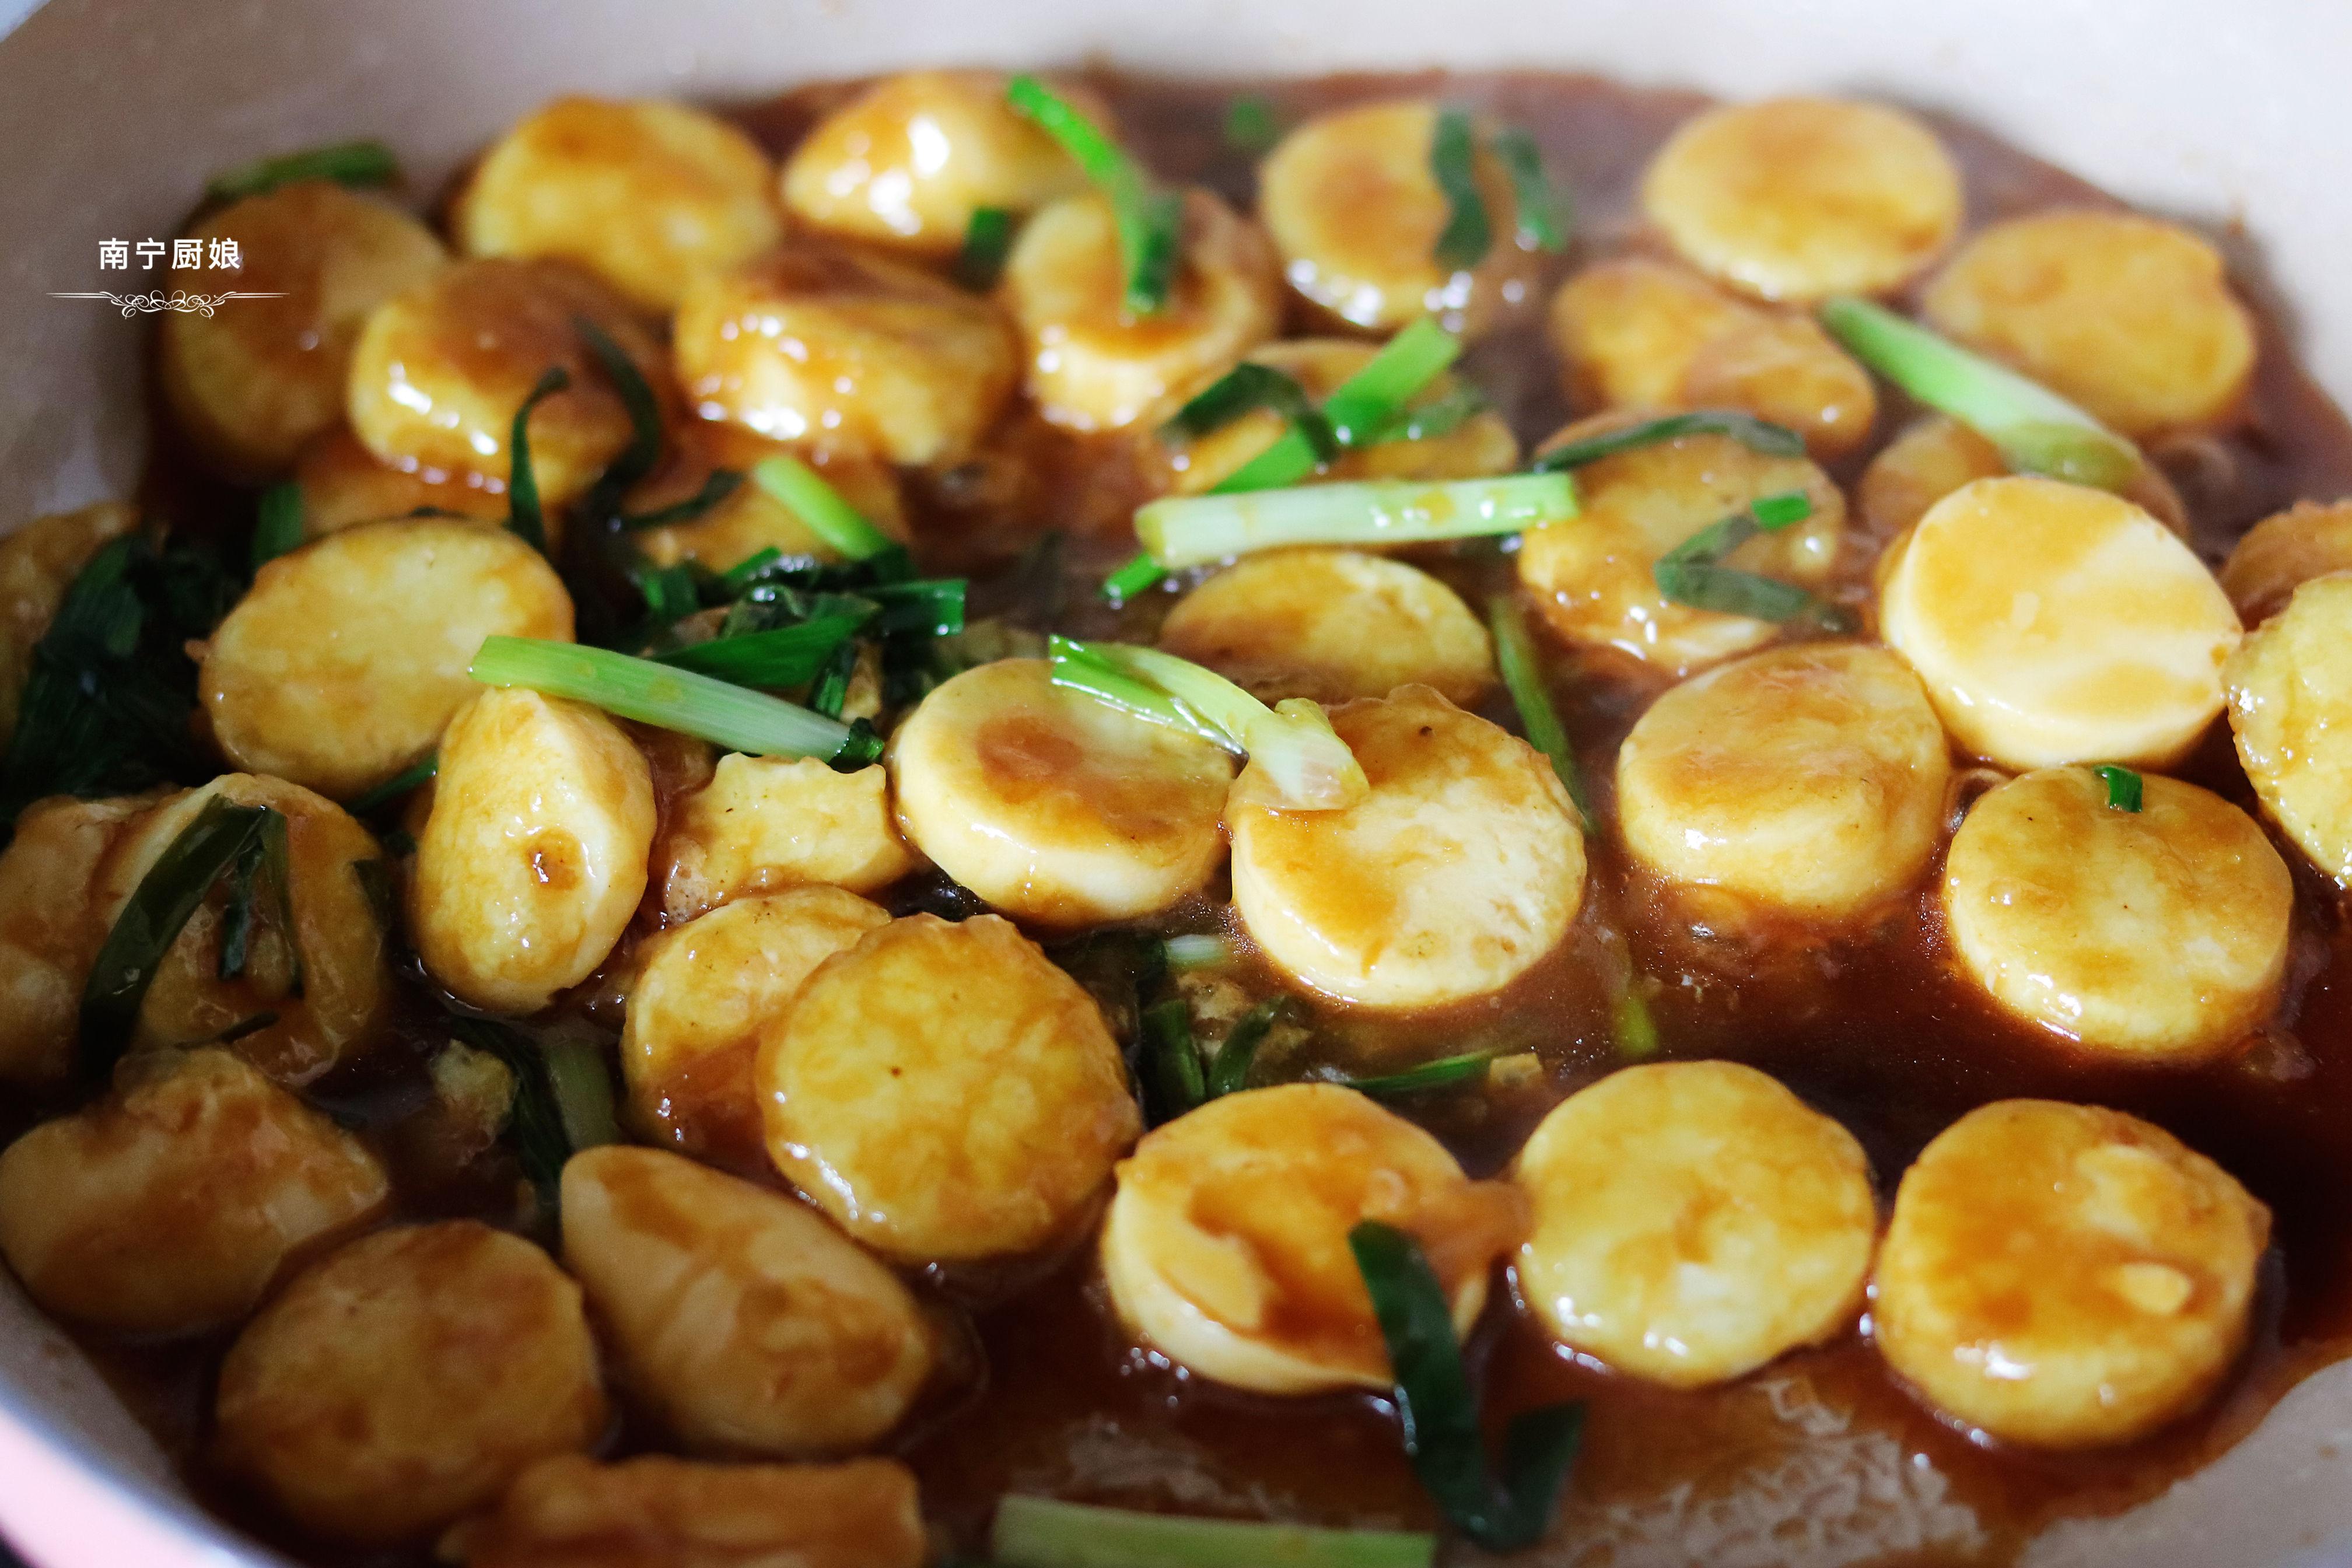 燒日本豆腐時加入一把蔥,沒想到如此美味,不愧是老保姆的拿手菜